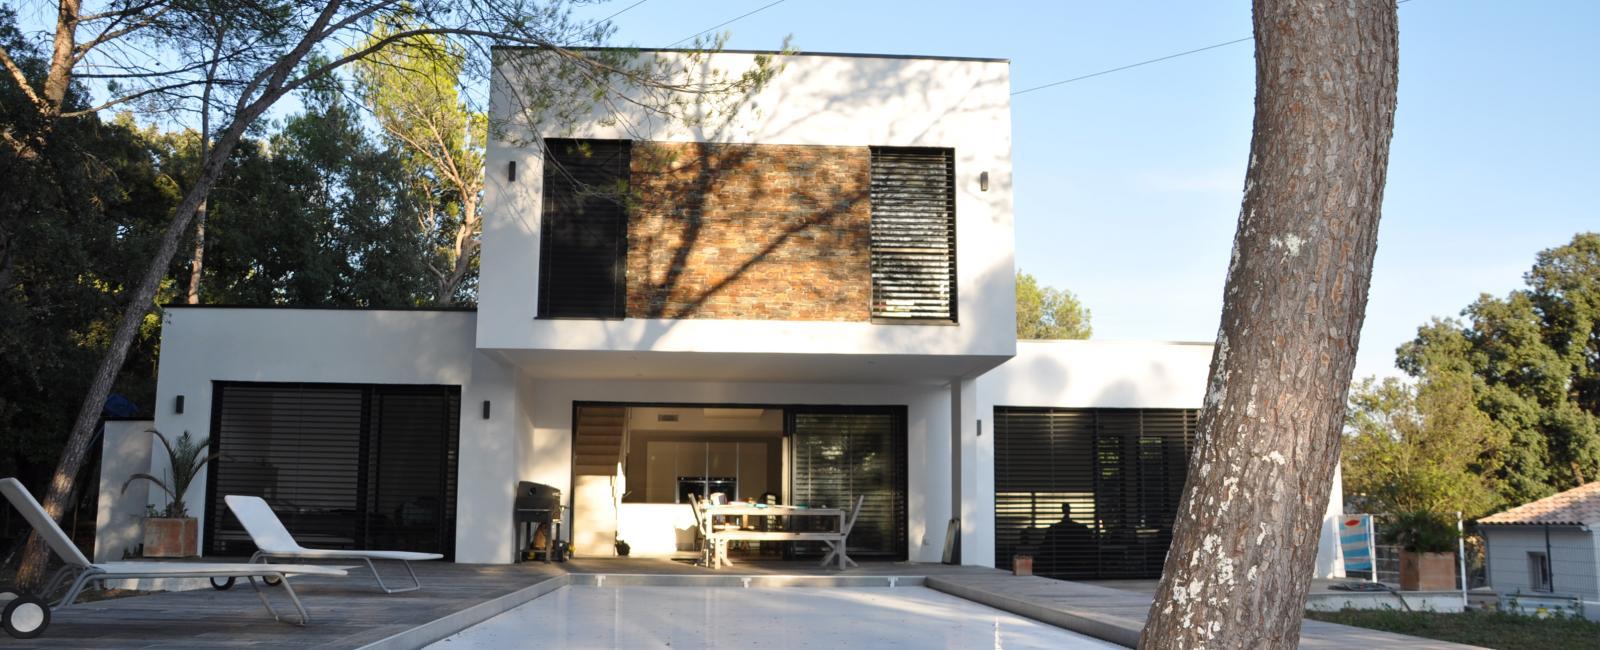 705bcf2357f0 Cabinet architecte Aigues-Mortes Gard (30)   Richard et Fontaine  Architecture